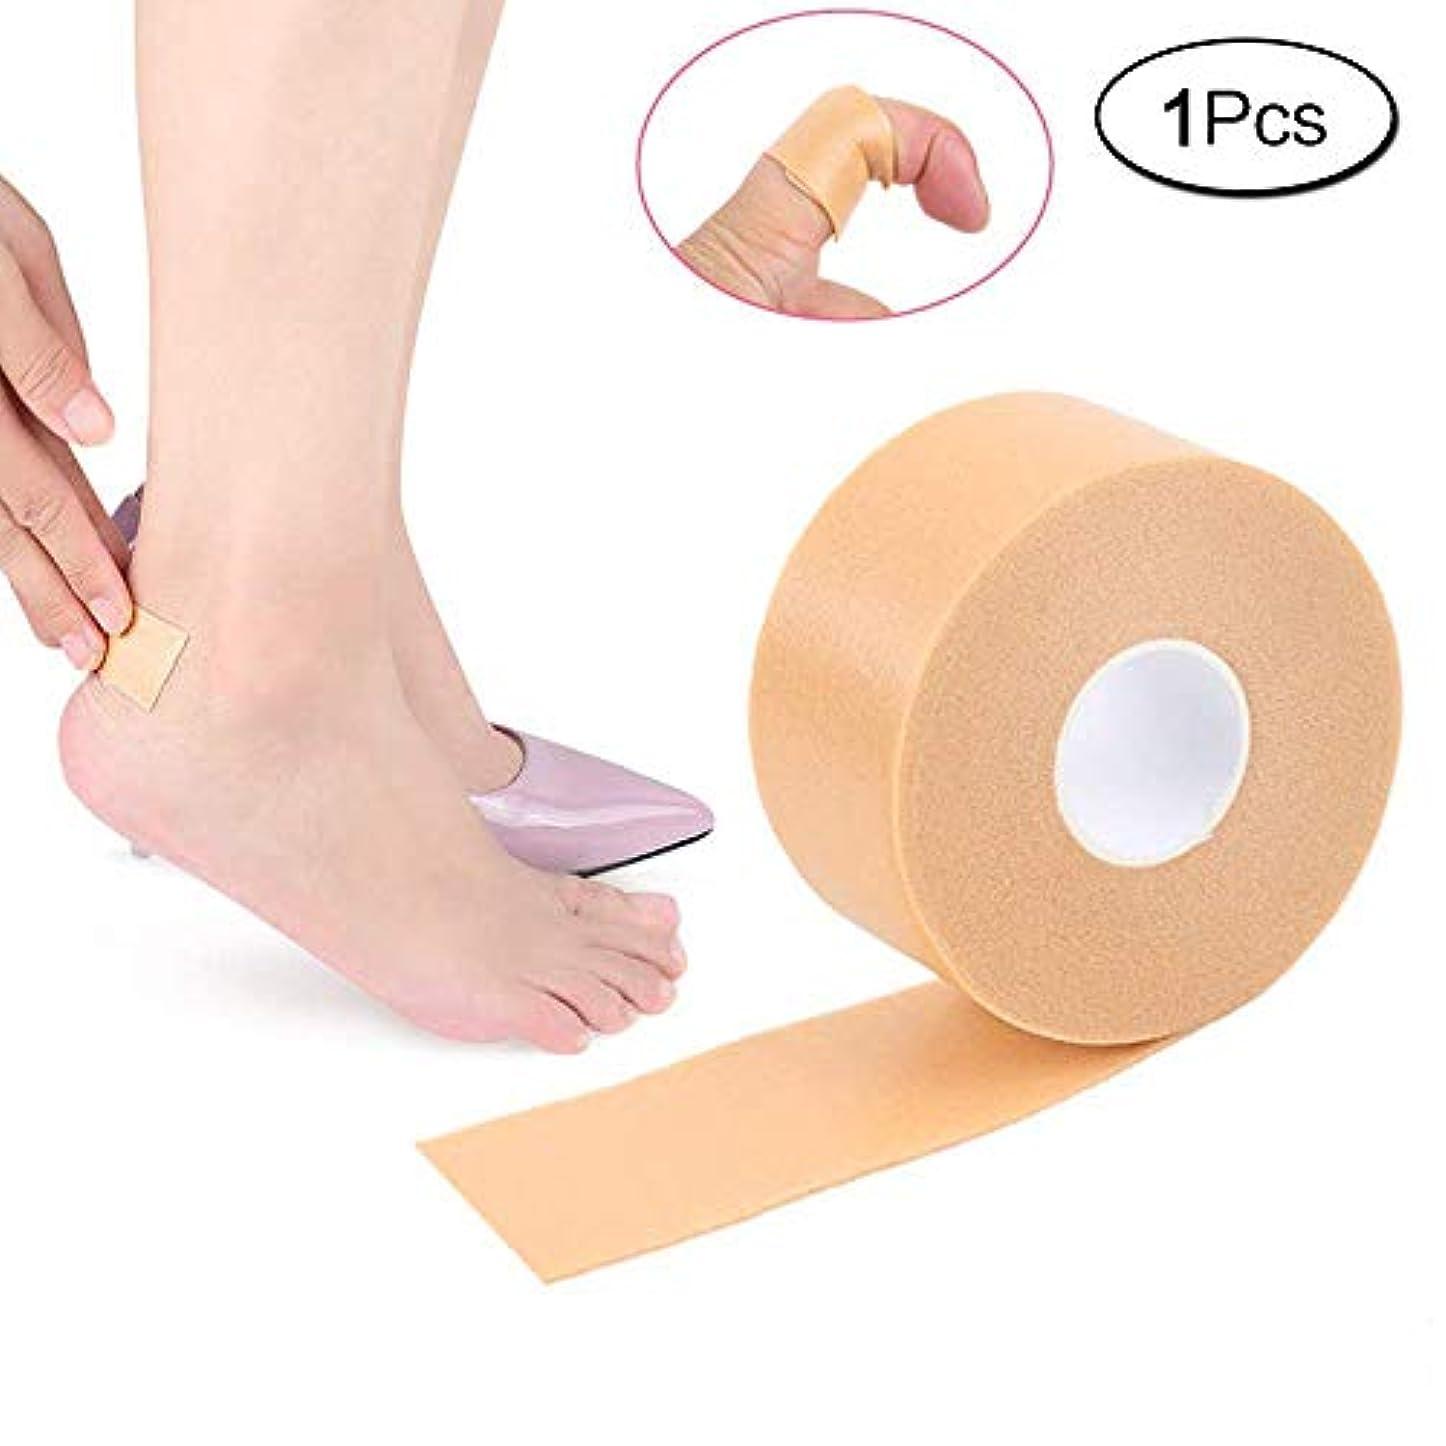 インフレーションジレンマ折り目1個入 フォーム綿素材 靴ずれ予防テープ男女兼用